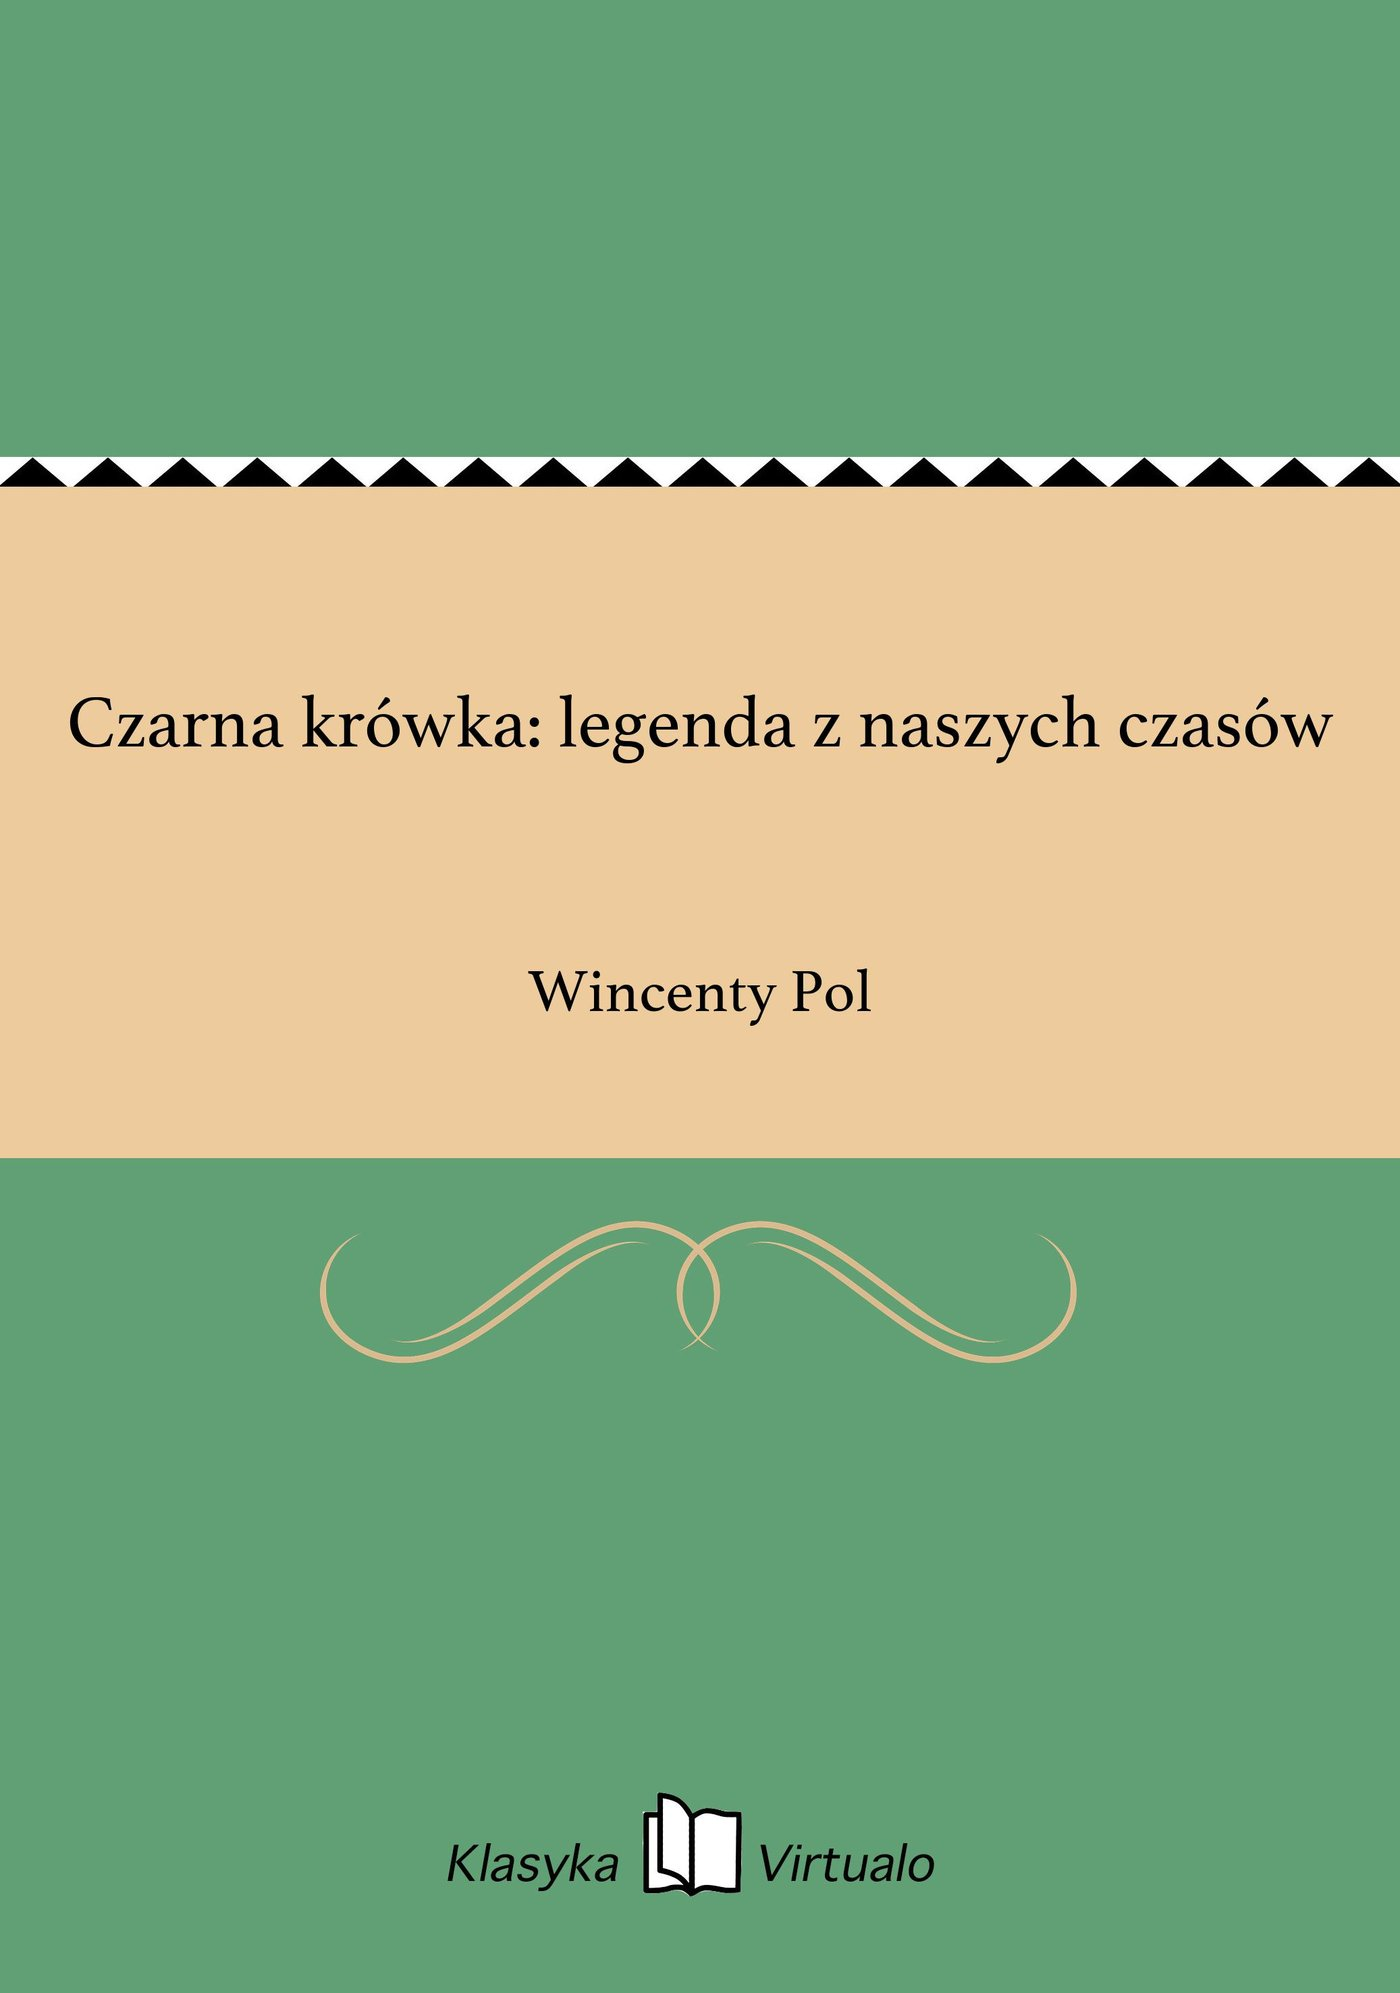 Czarna krówka: legenda z naszych czasów - Ebook (Książka EPUB) do pobrania w formacie EPUB